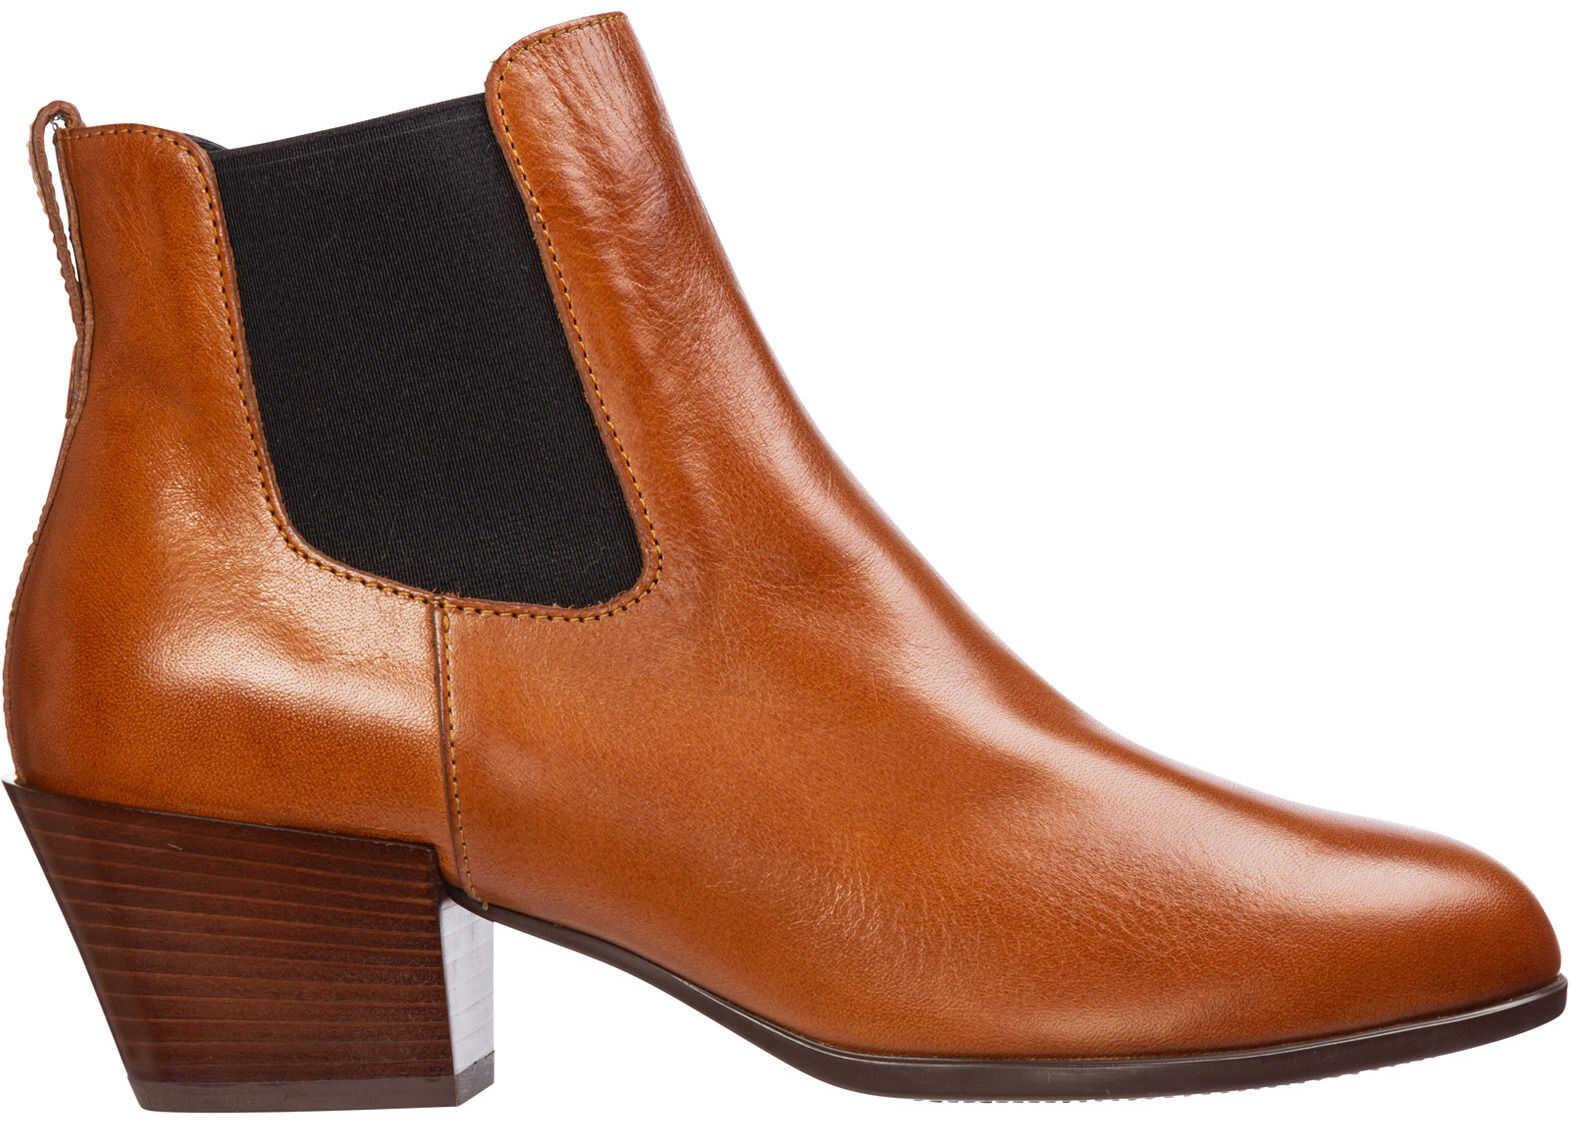 Hogan Boots Booties Brown